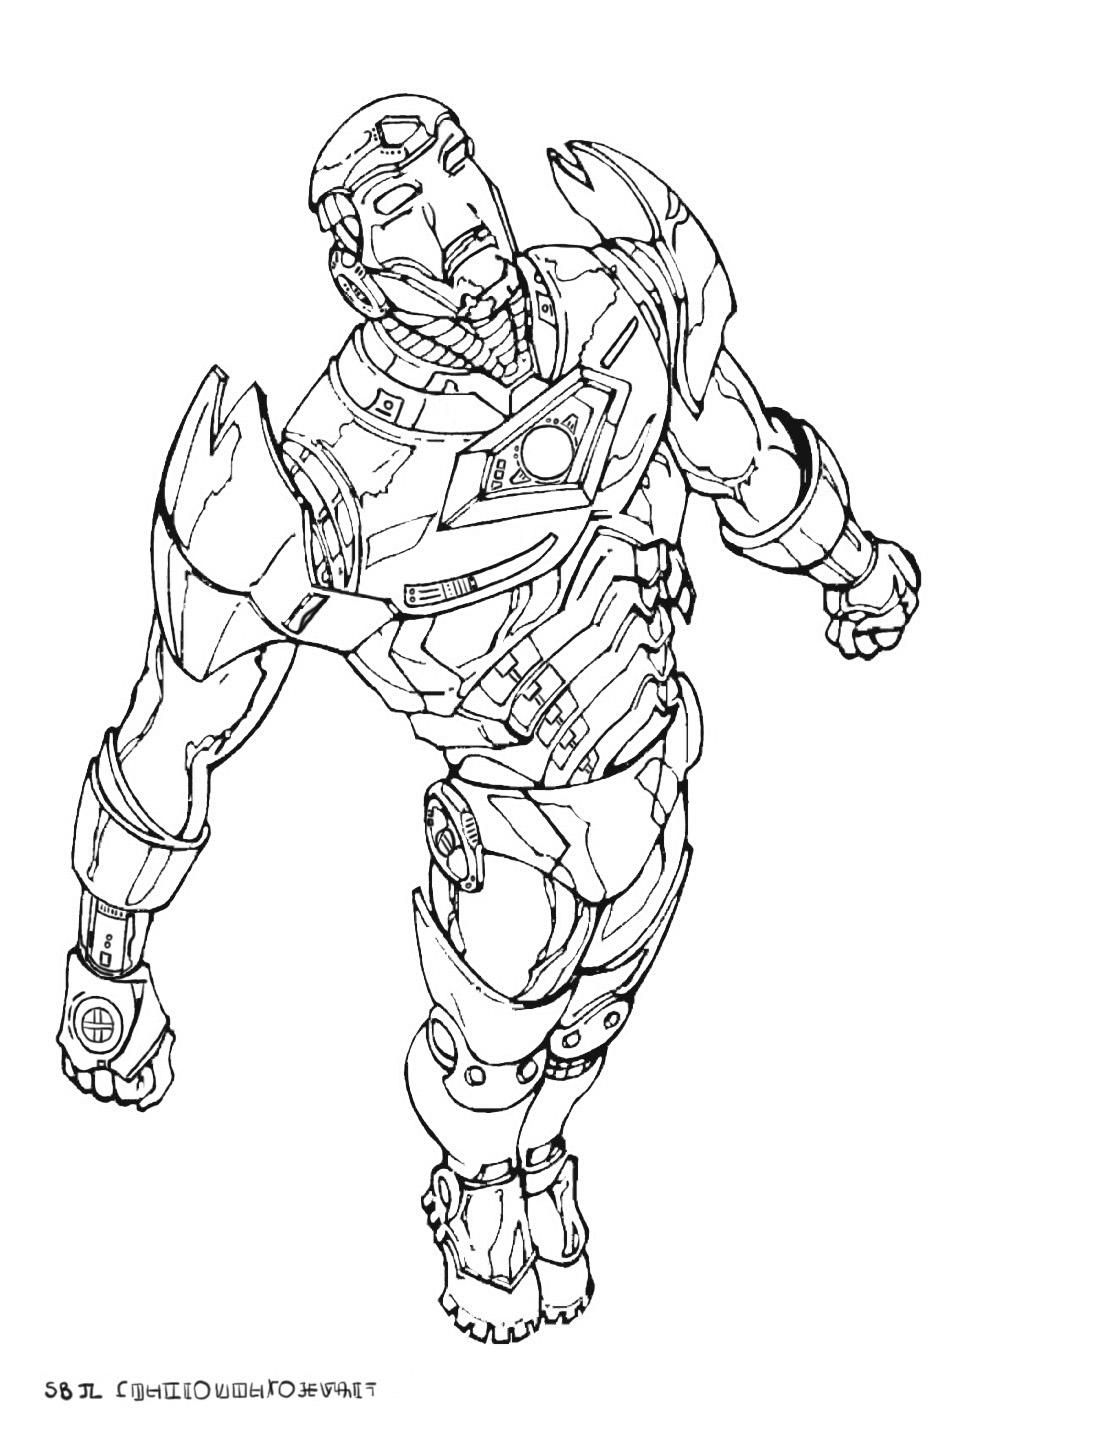 Iron man se prépare pour le combat